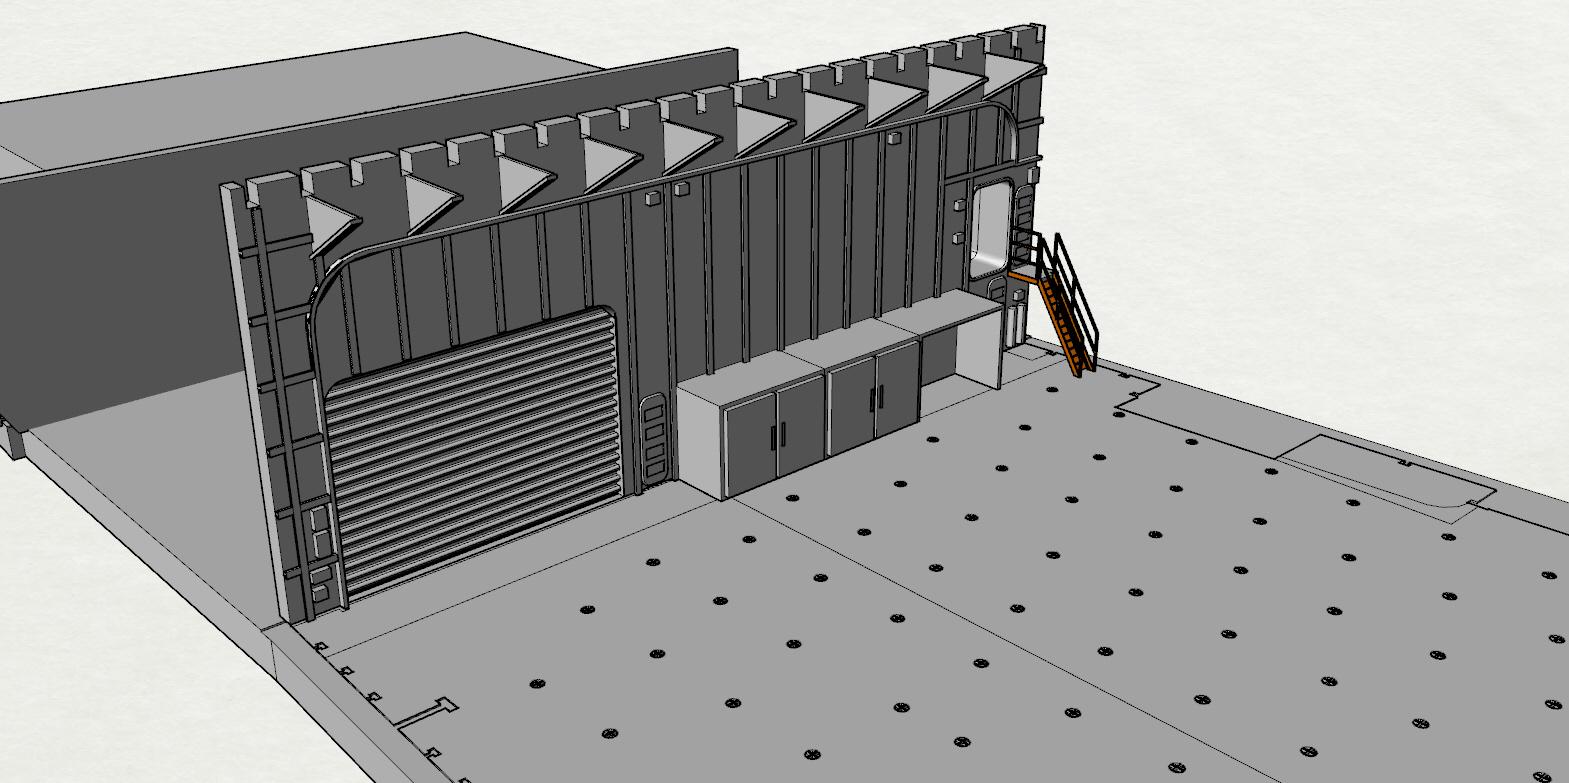 Clemenceau-Foch, conception et réalisation d'un kit d'amélioration - Page 2 17080501044923134915201269